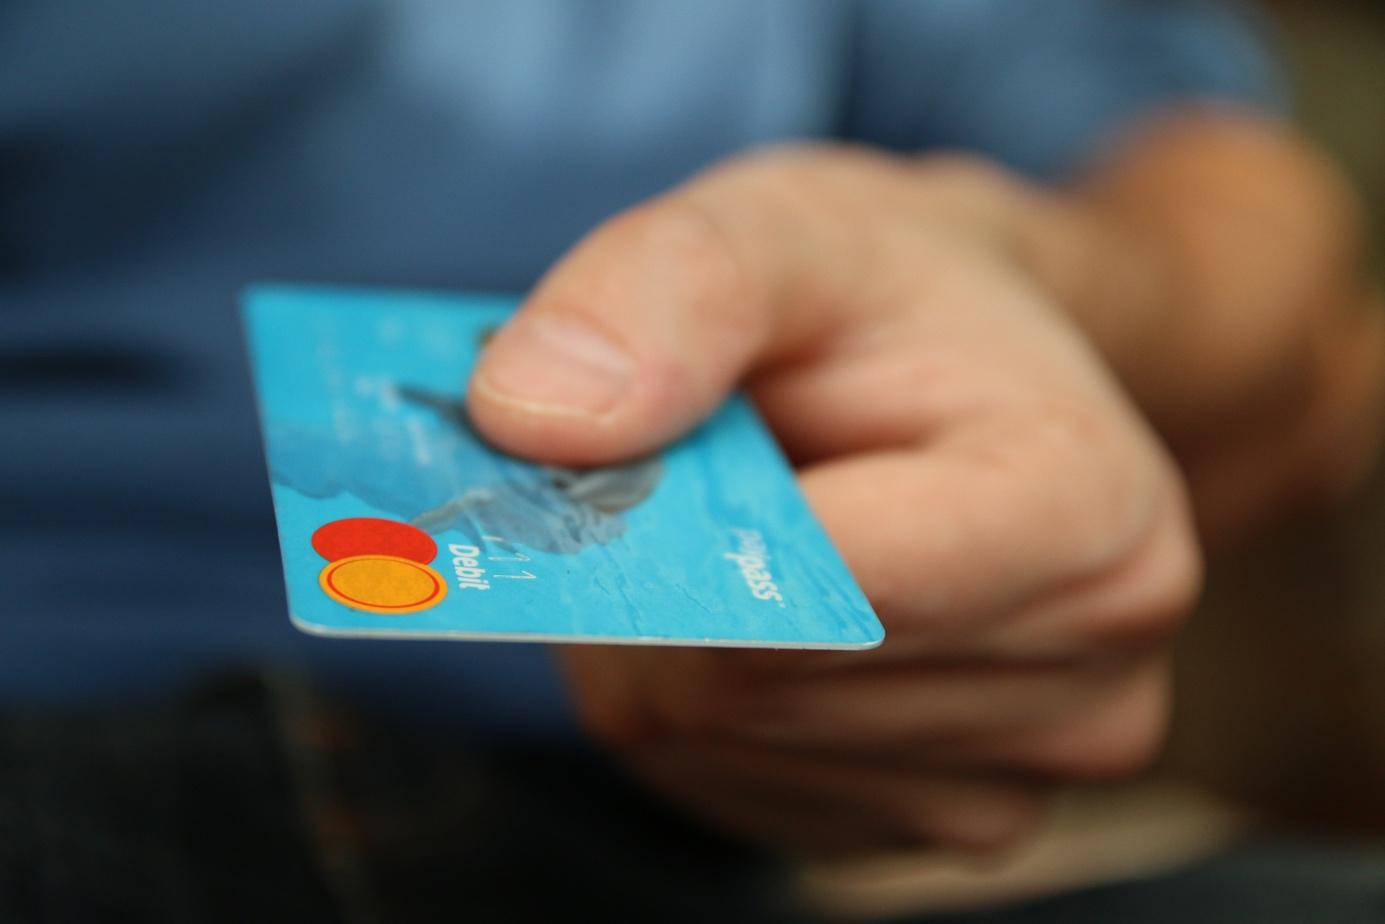 Bankovní účet – znáte všechny jeho výhody? [sponzorovaný článek]